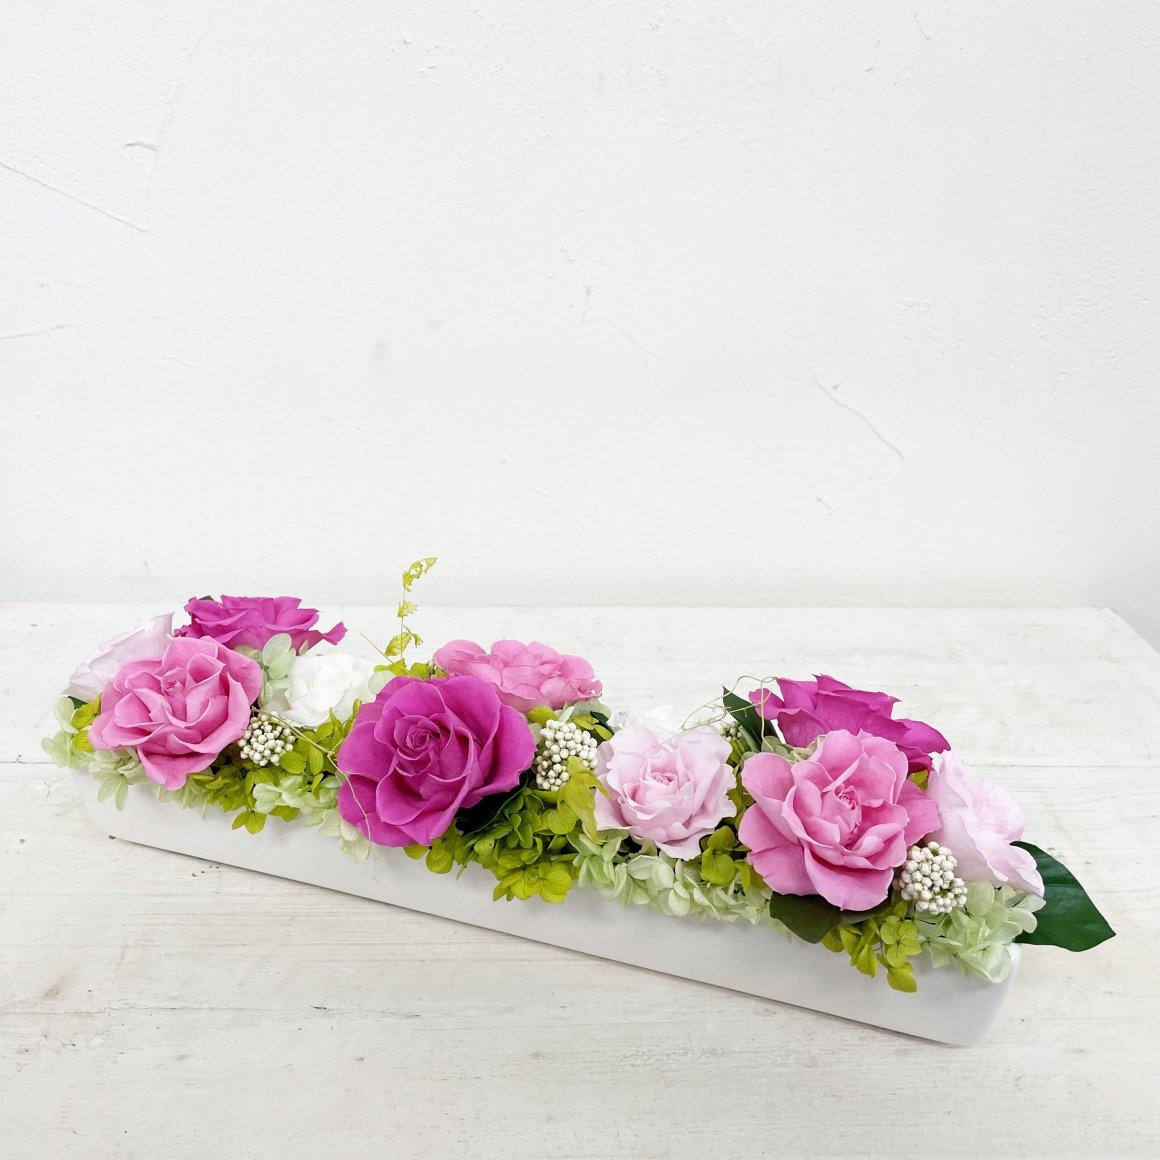 ピンクのプリザーブドフラワー テーブルフラワーアレンジメント ノーク(ピンク) ※ギフトタイプ3